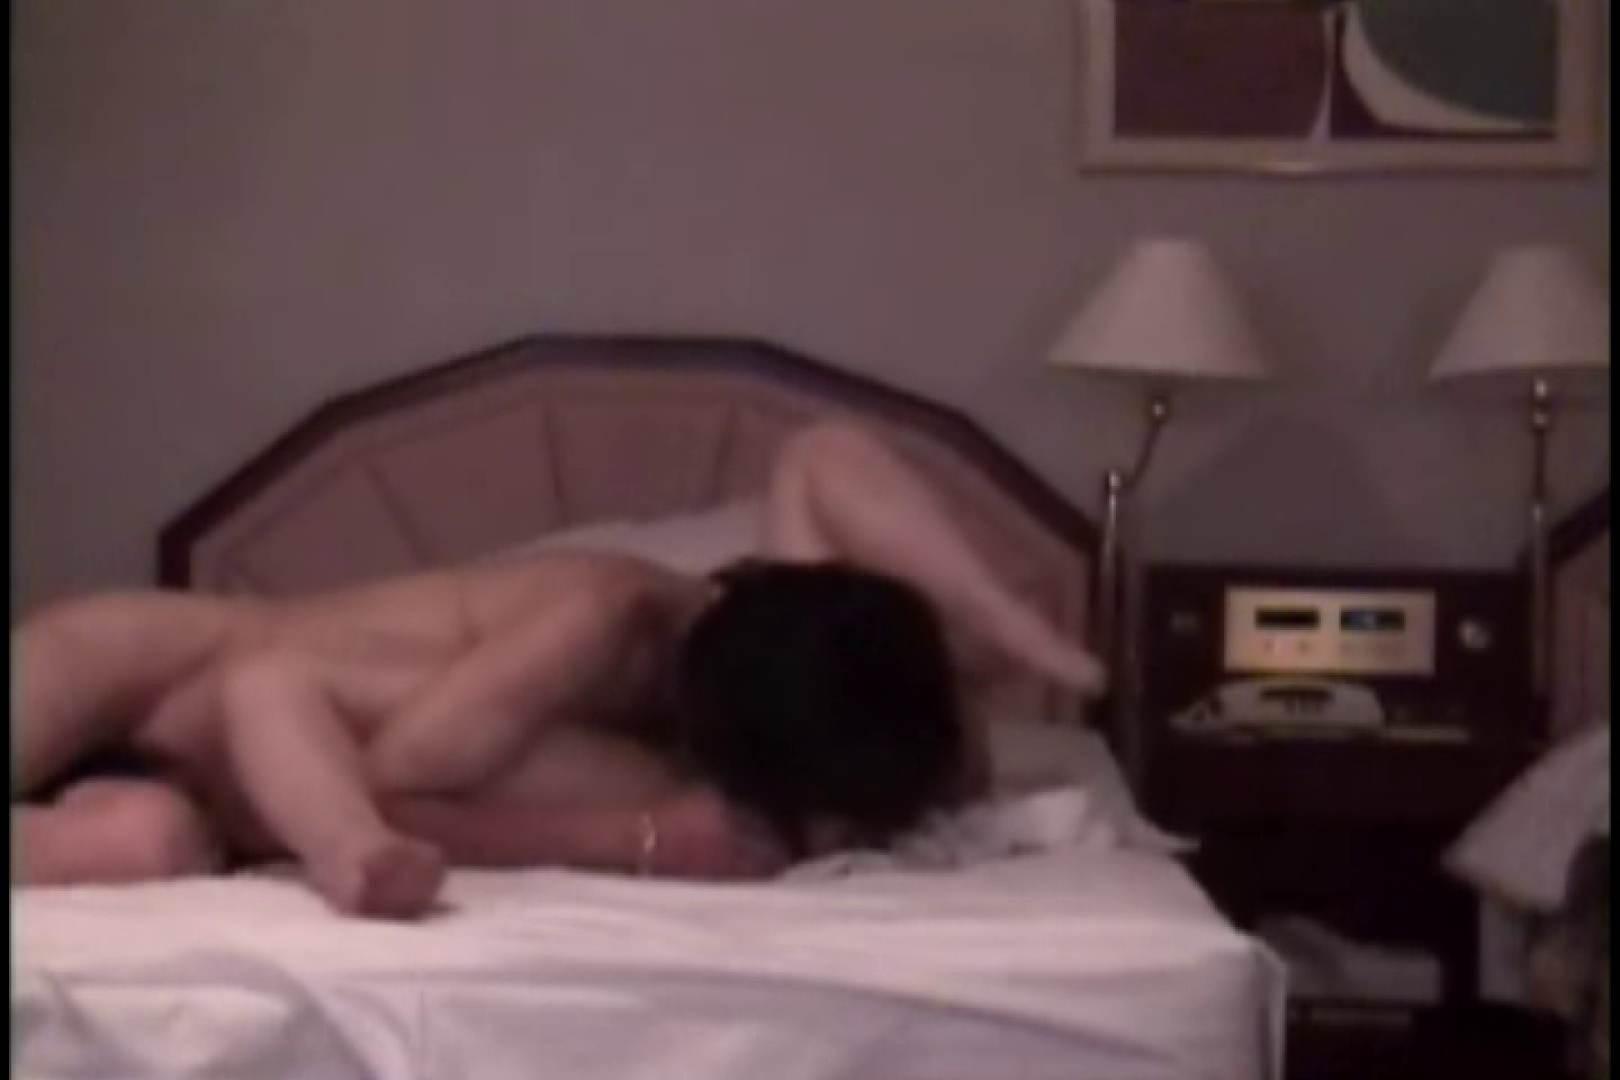 ホテルに抱かれに来る美熟女 ホテル | 熟女  57PIX 13